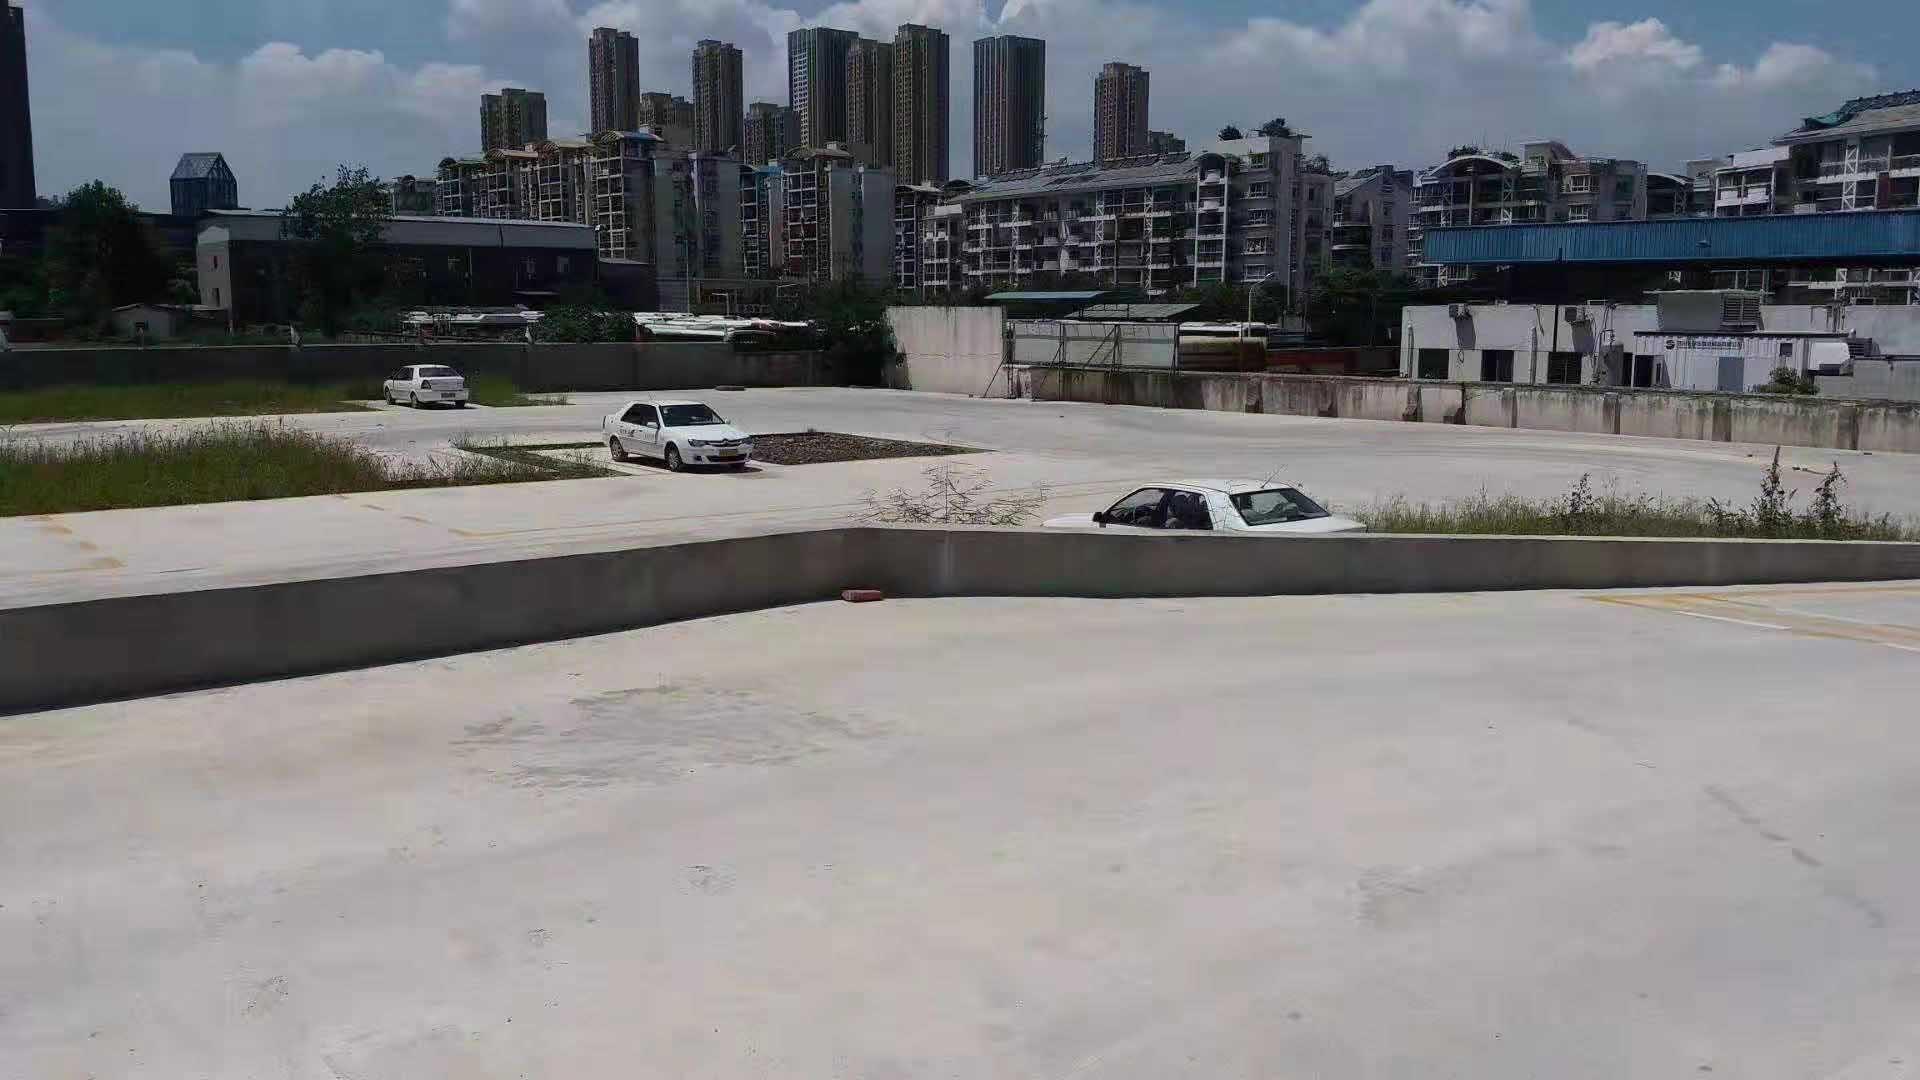 杨园街道正规驾照哪家强,驾照